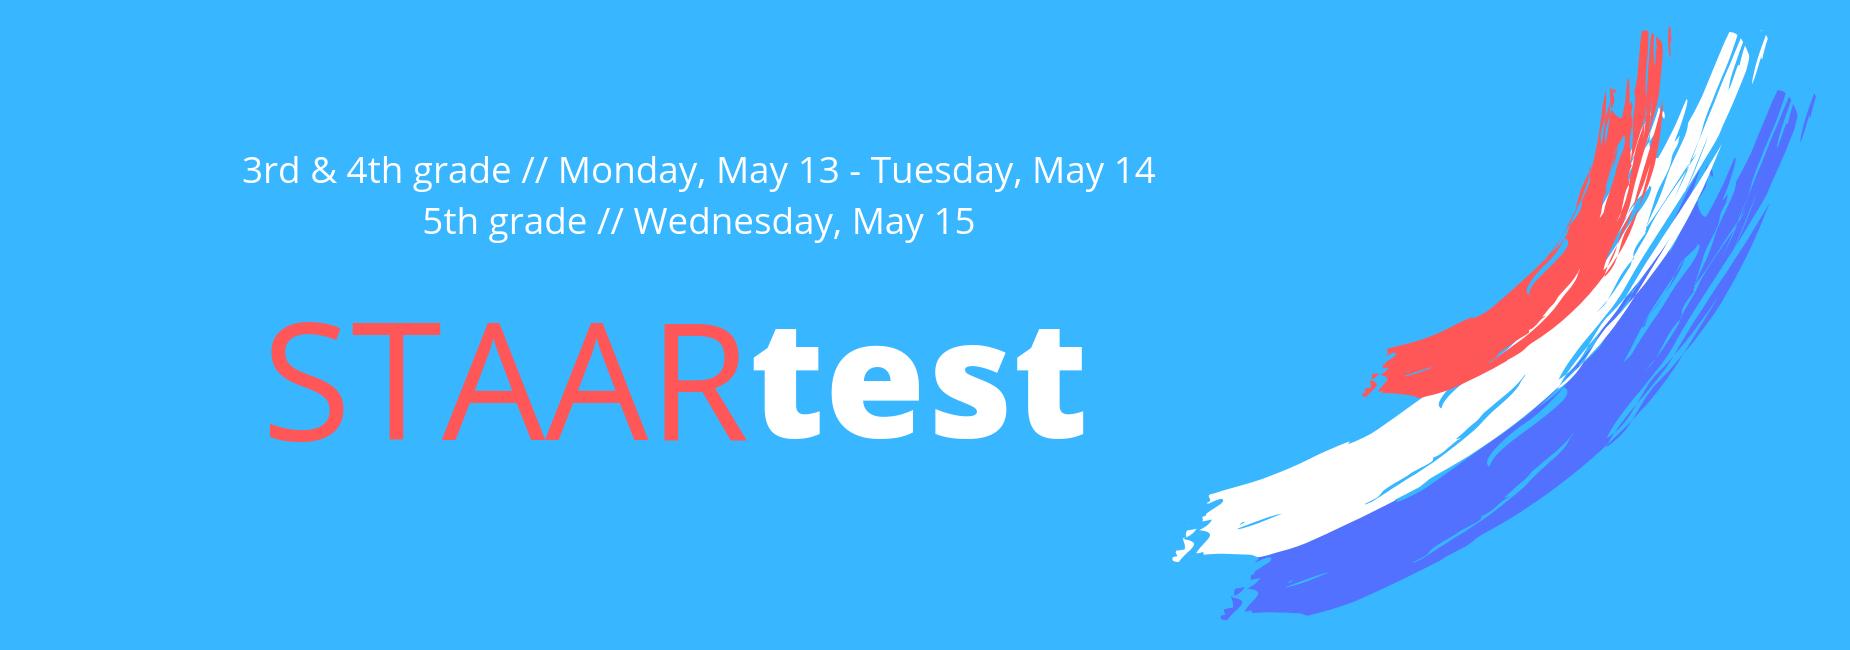 STAAR schedule image